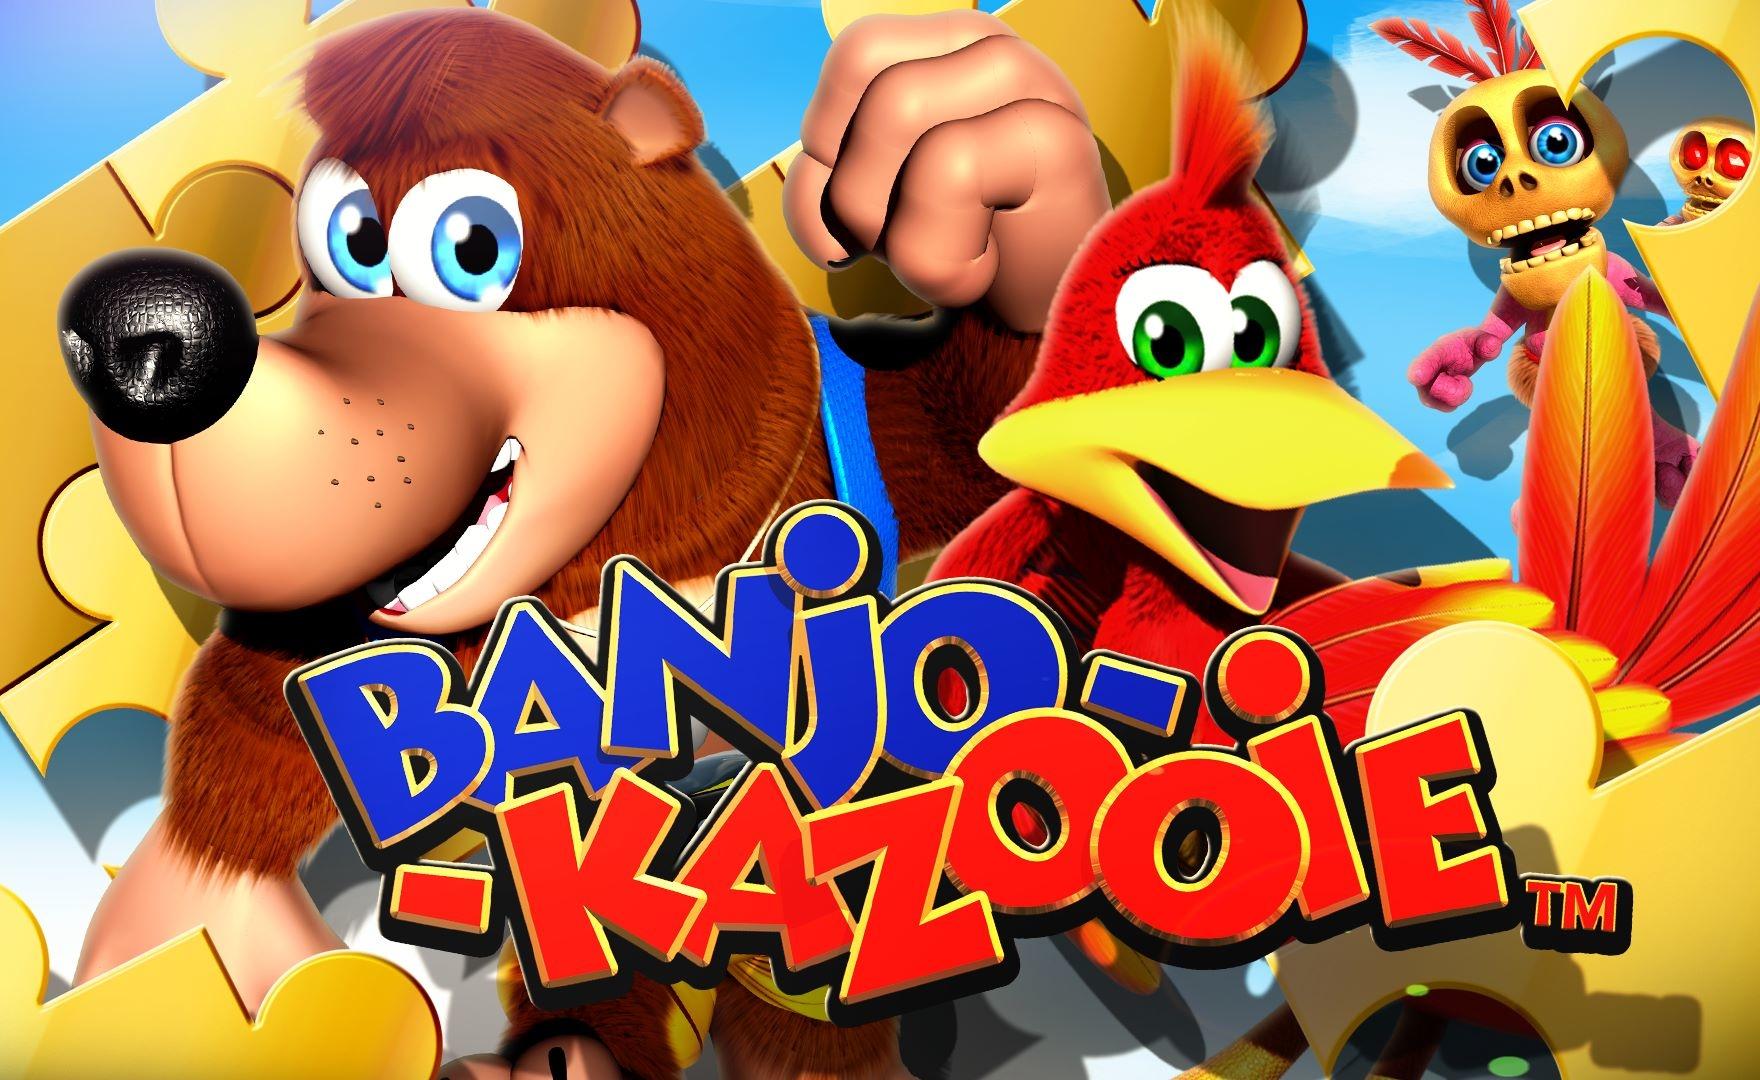 Xbox Scarlett: Microsoft vuole comprare Playtonic e fargli sviluppare Banjo-Kazooie?